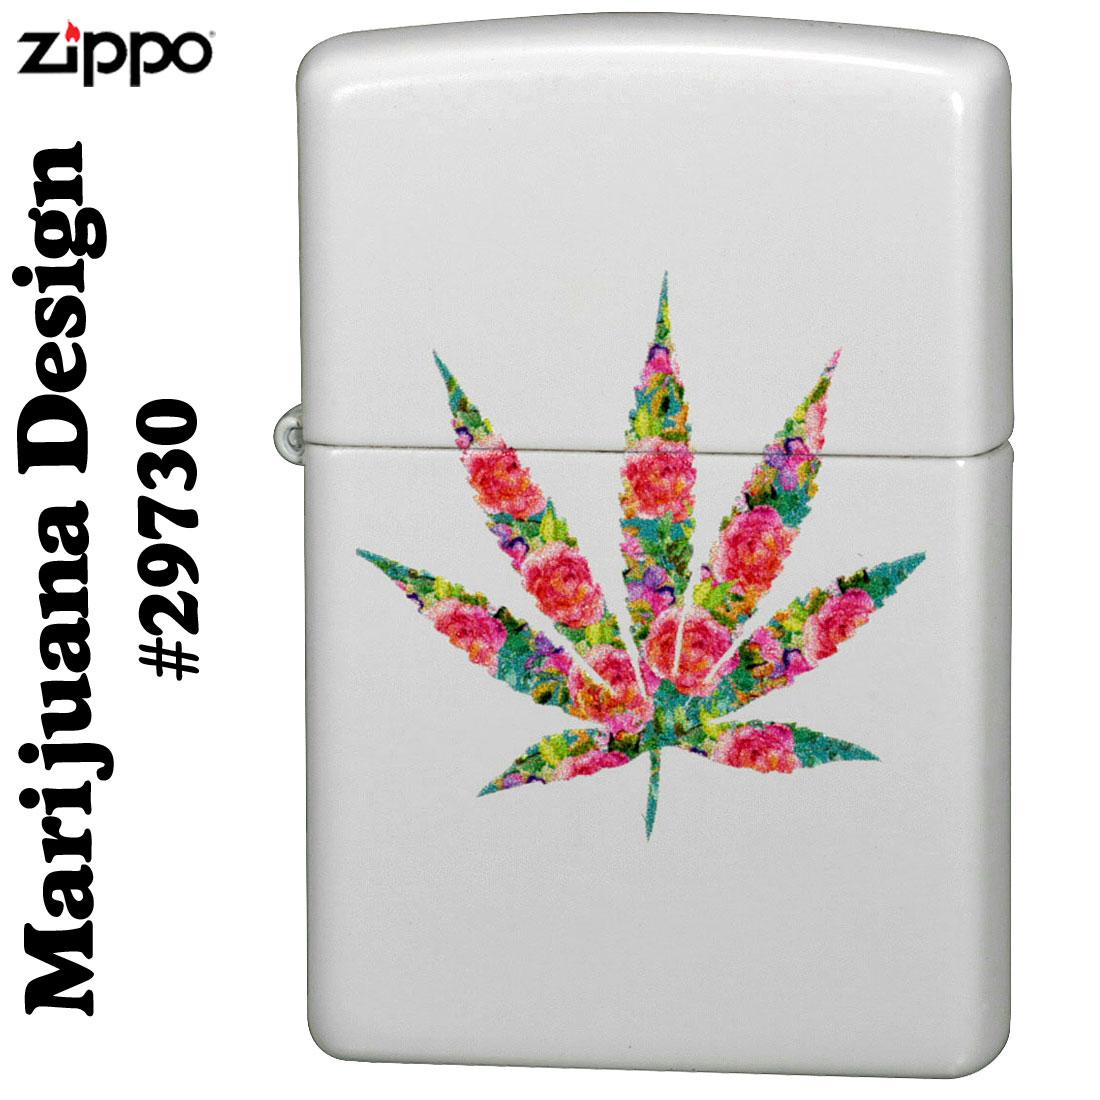 ZIPPO(ジッポーライター) マリファナデザイン ホワイトマット#29730画像3